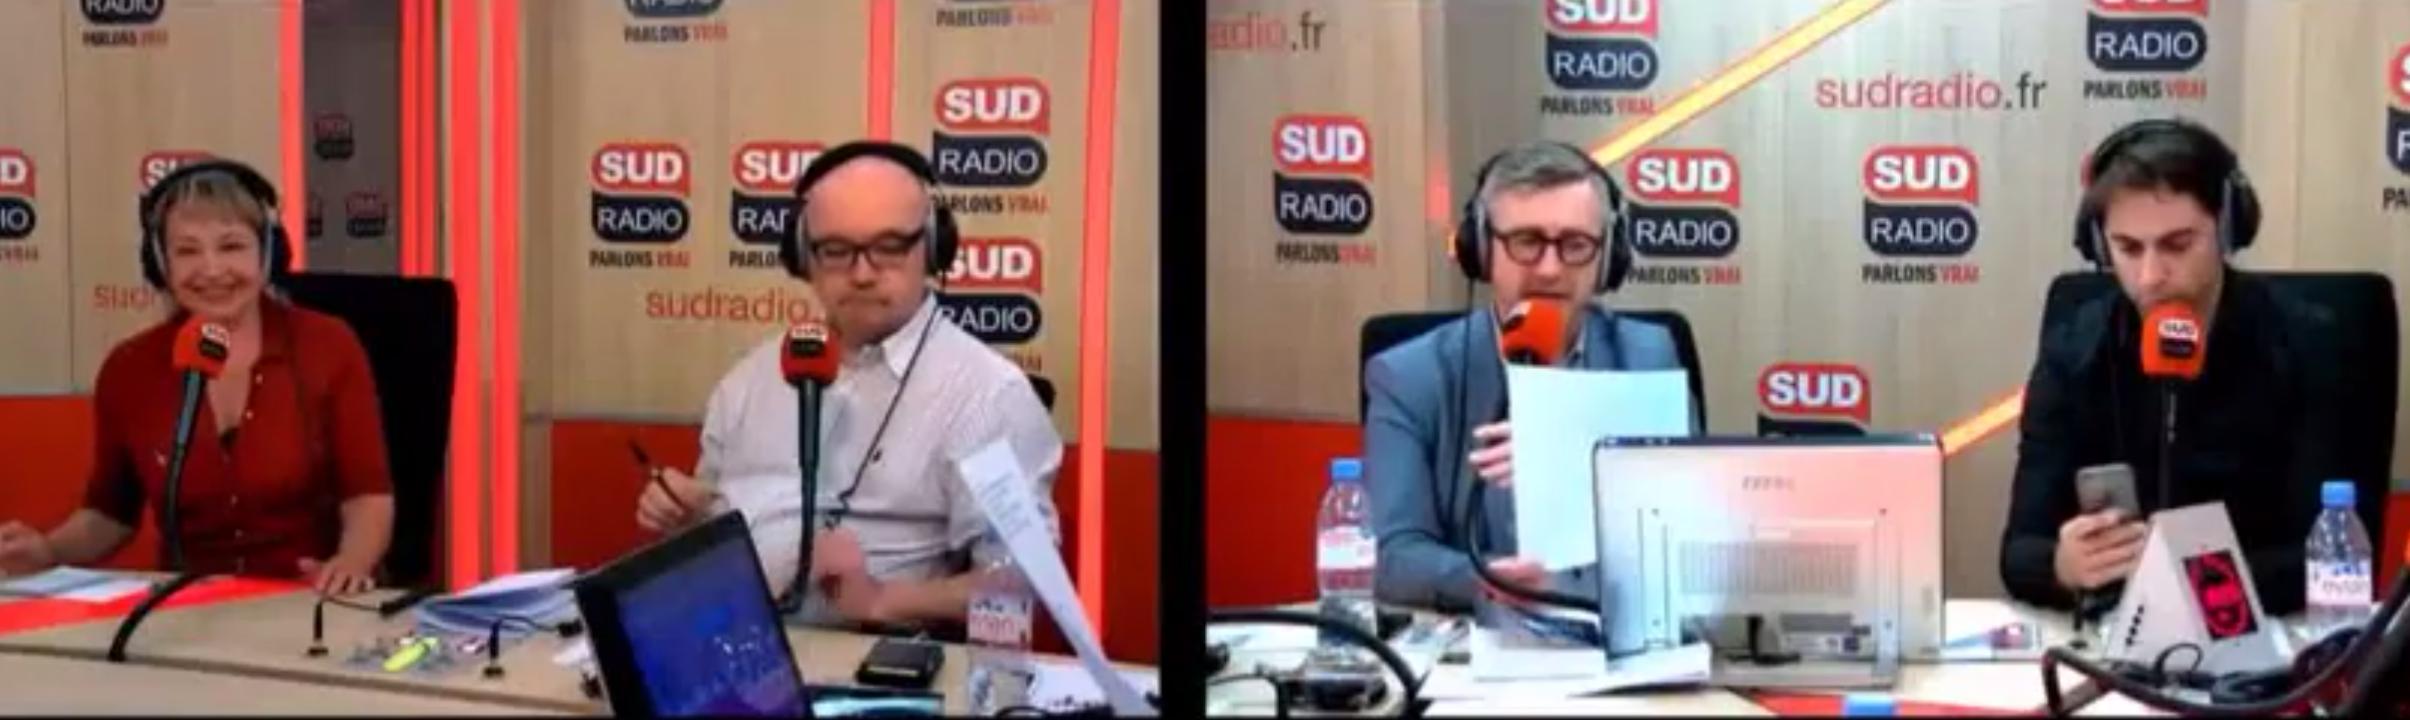 J'étais sur Sud Radio hier, pour parler de l'UDMF, la liste «islam» qui se présente aux Européennes